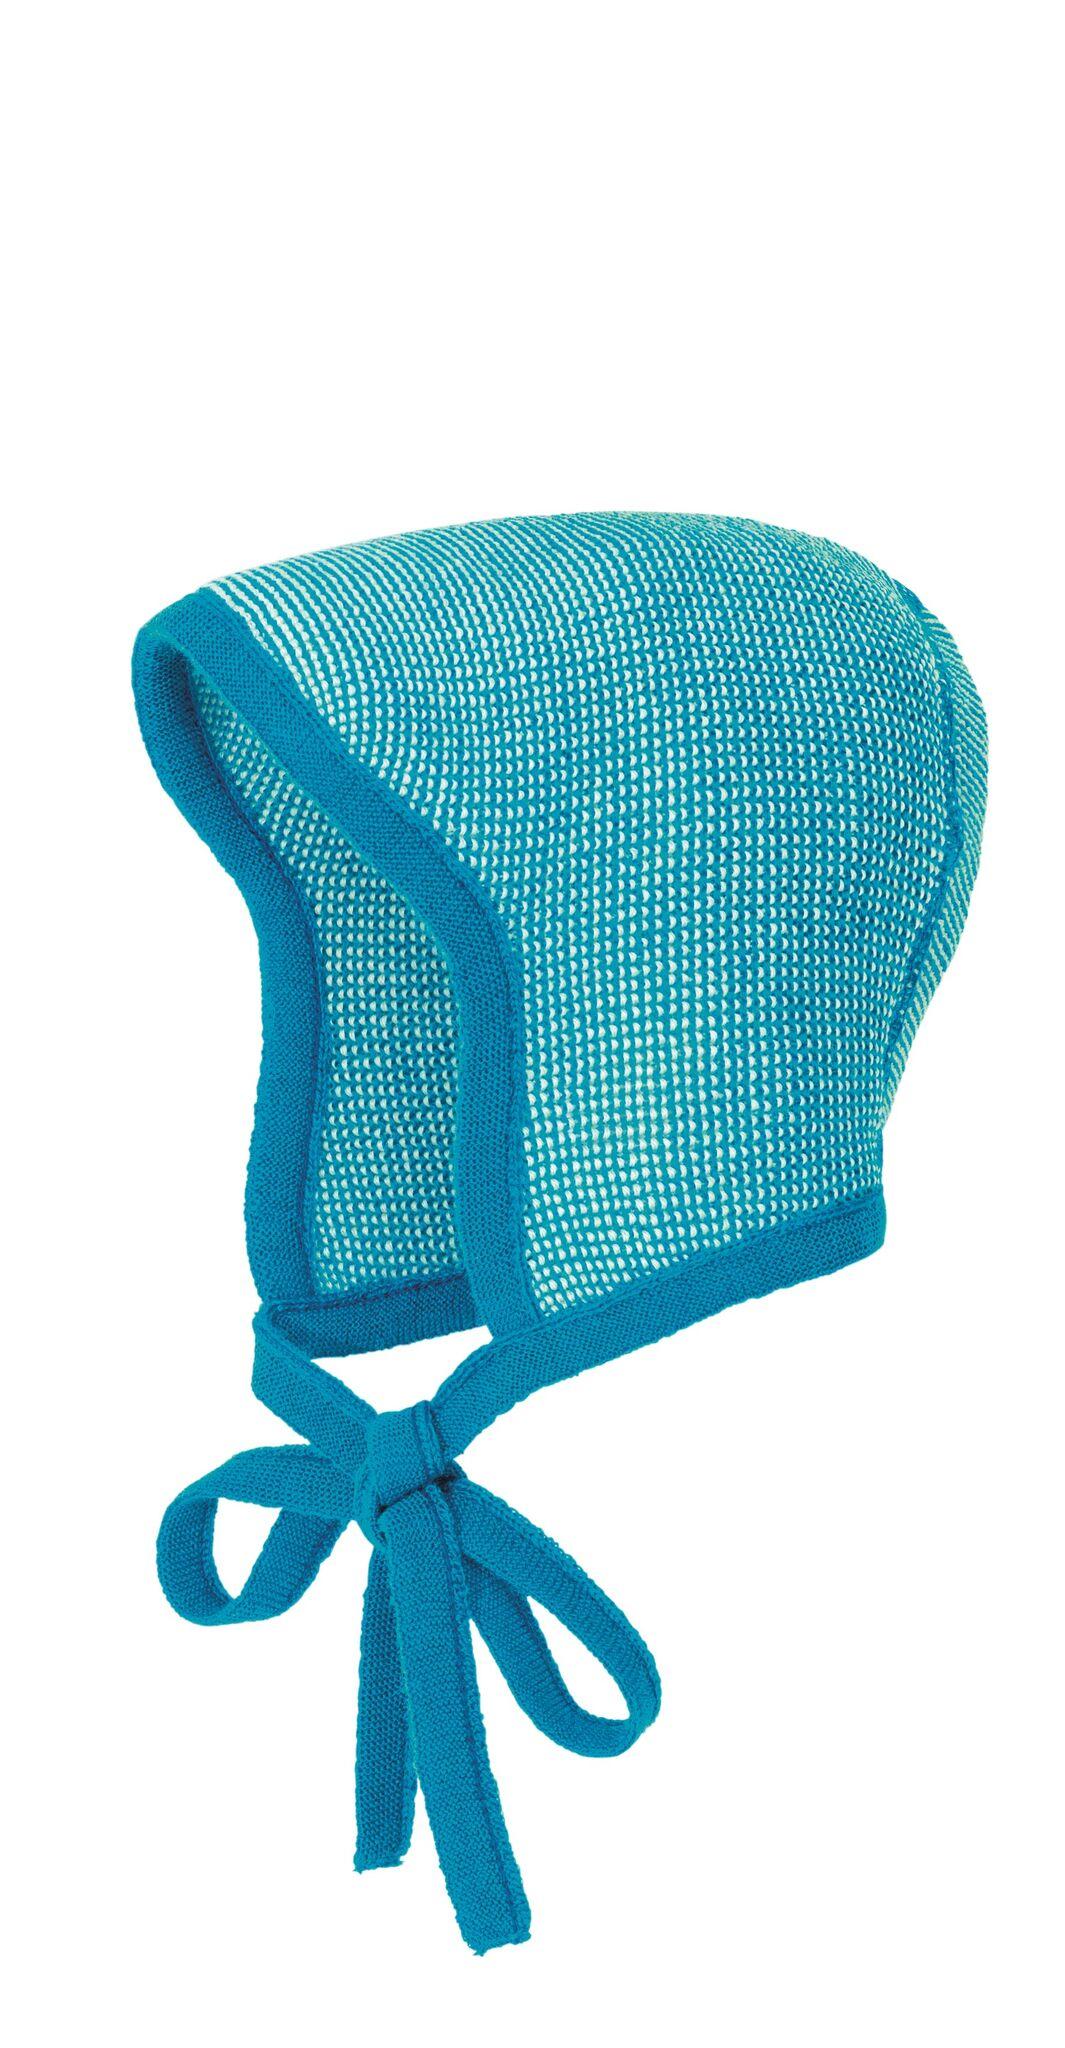 4c08353ad2a Disana knitted baby bonnet blue natural - Engelchen flieg